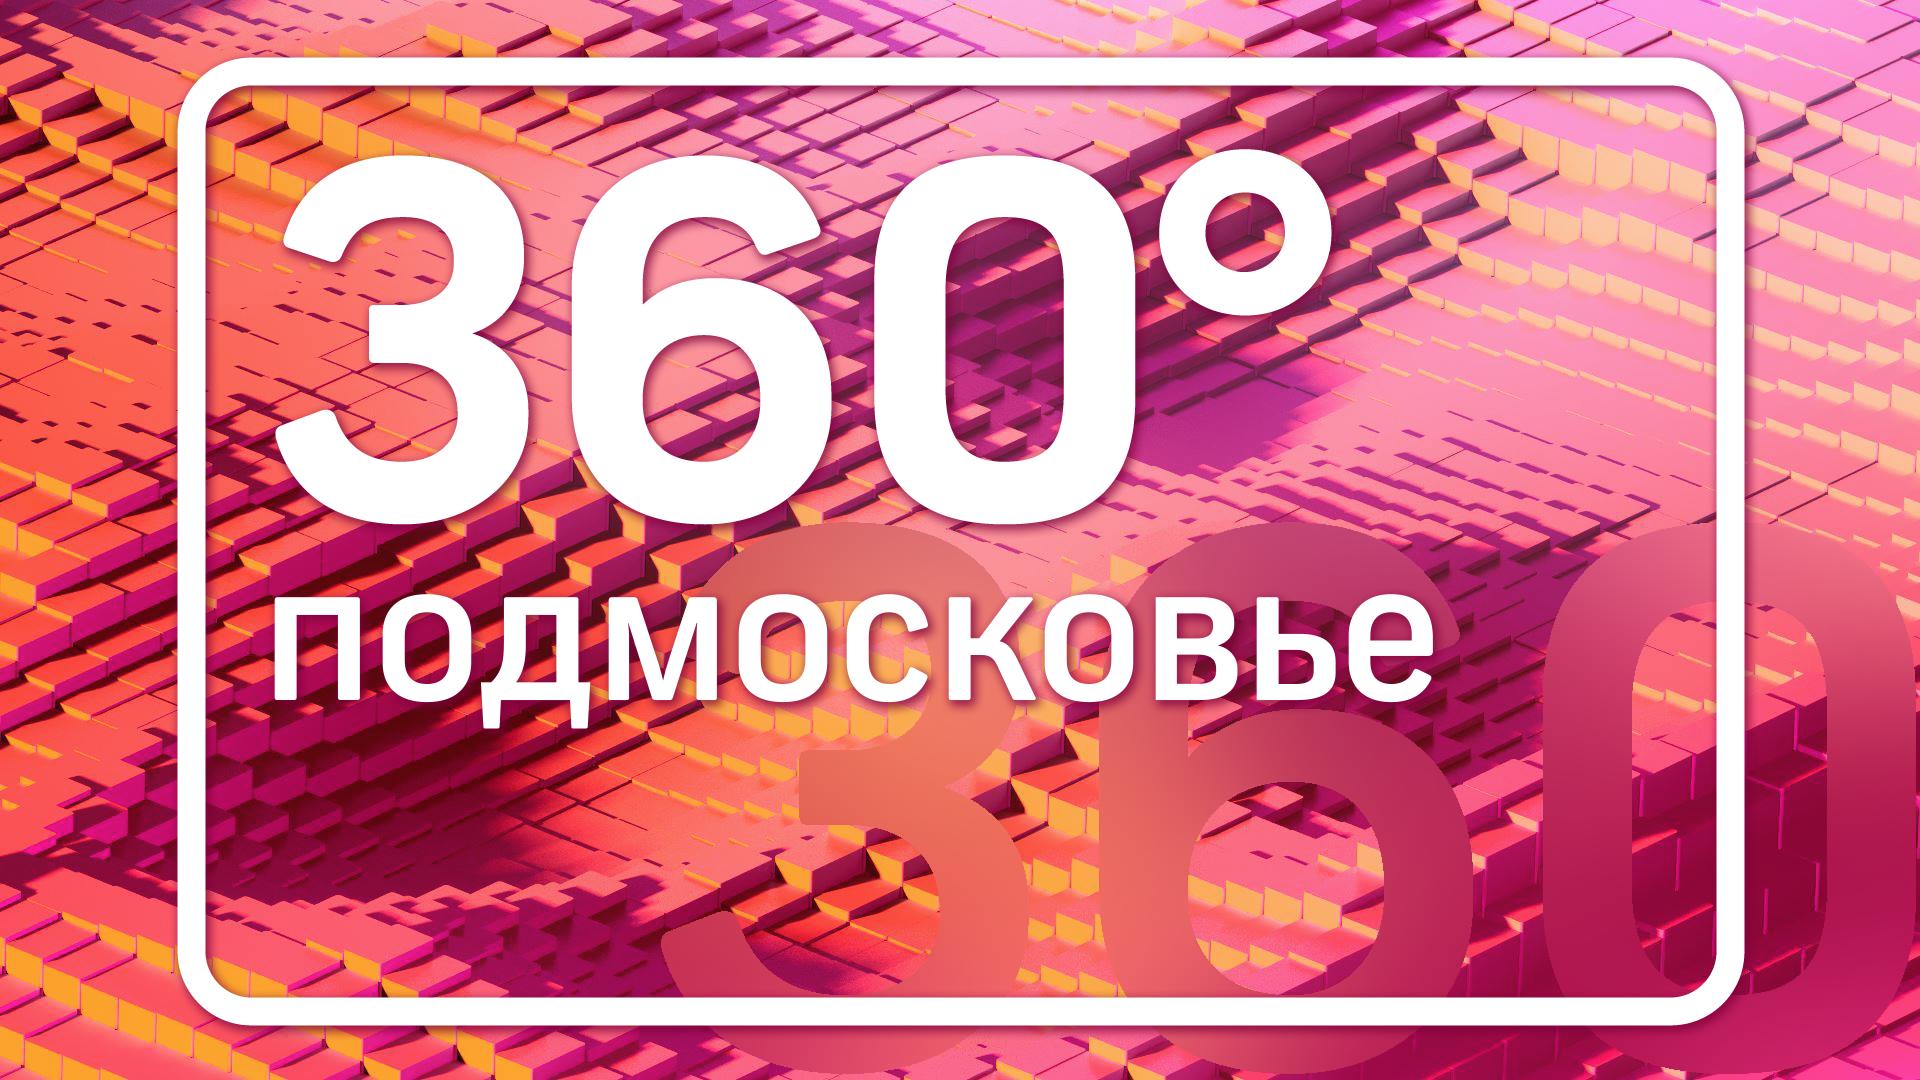 360 HD Подмосковье